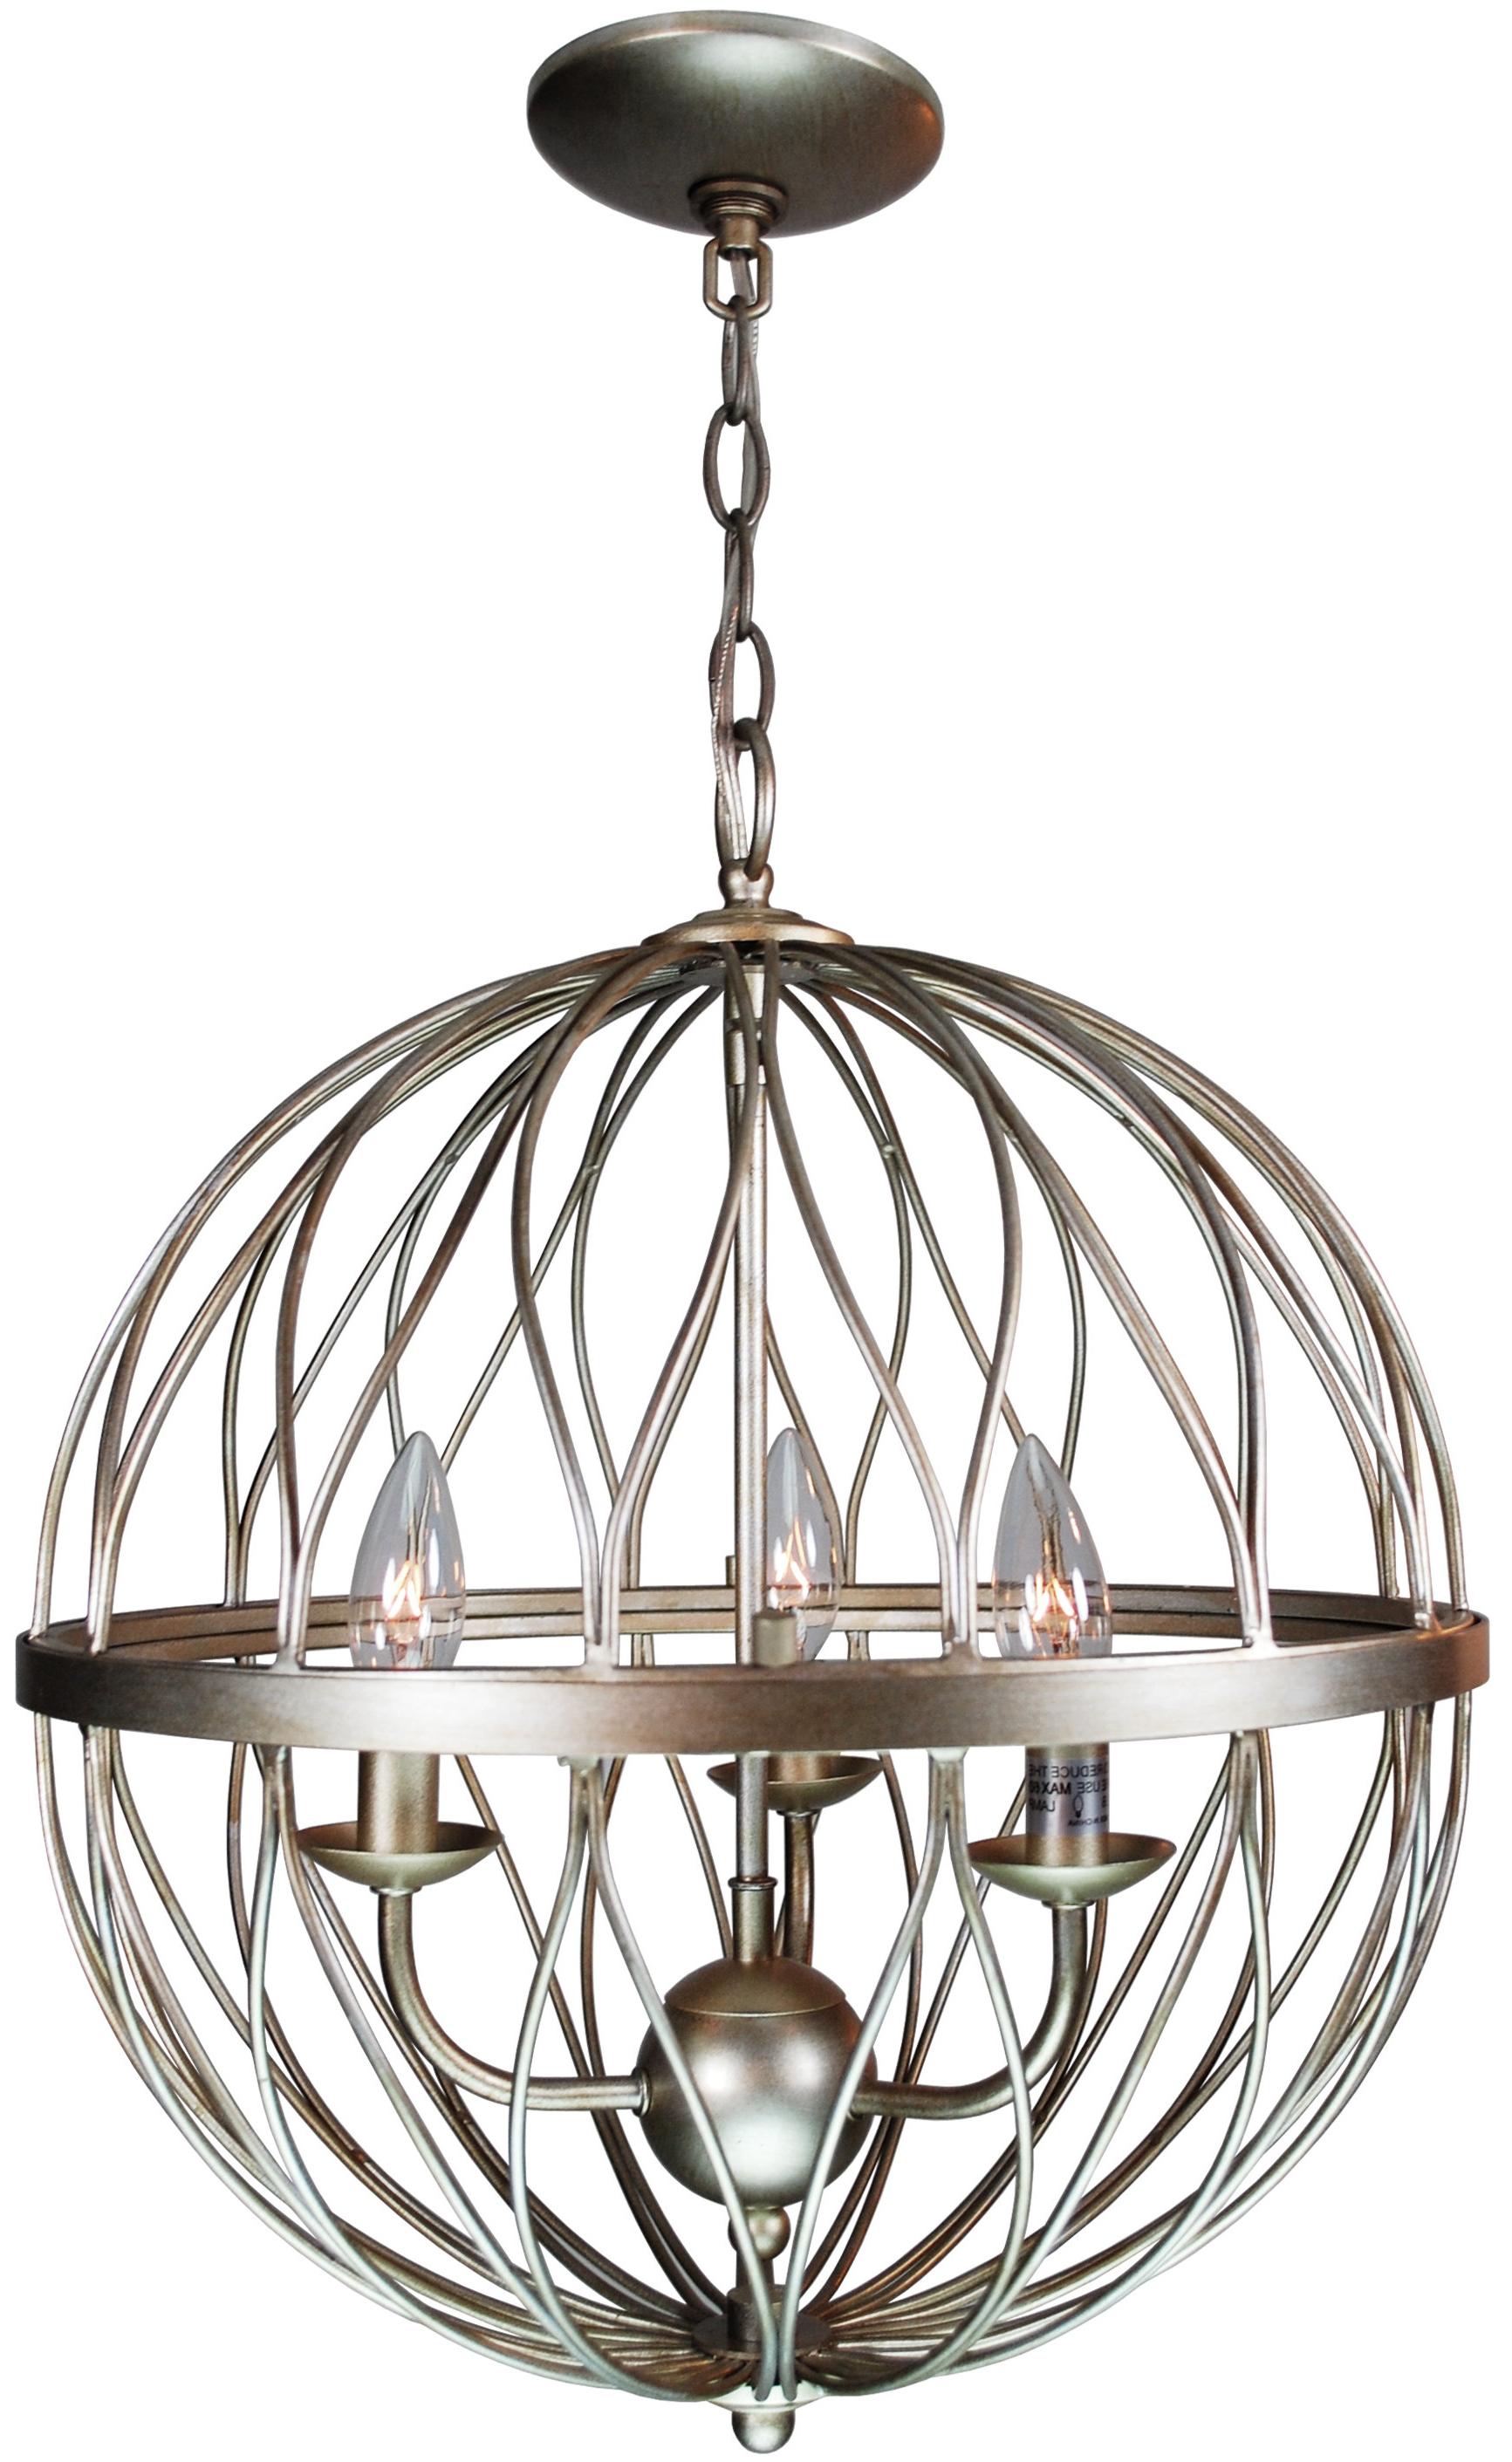 Brittain 3 Light Globe Chandelier Throughout Newest Farrier 3 Light Lantern Drum Pendants (View 16 of 25)